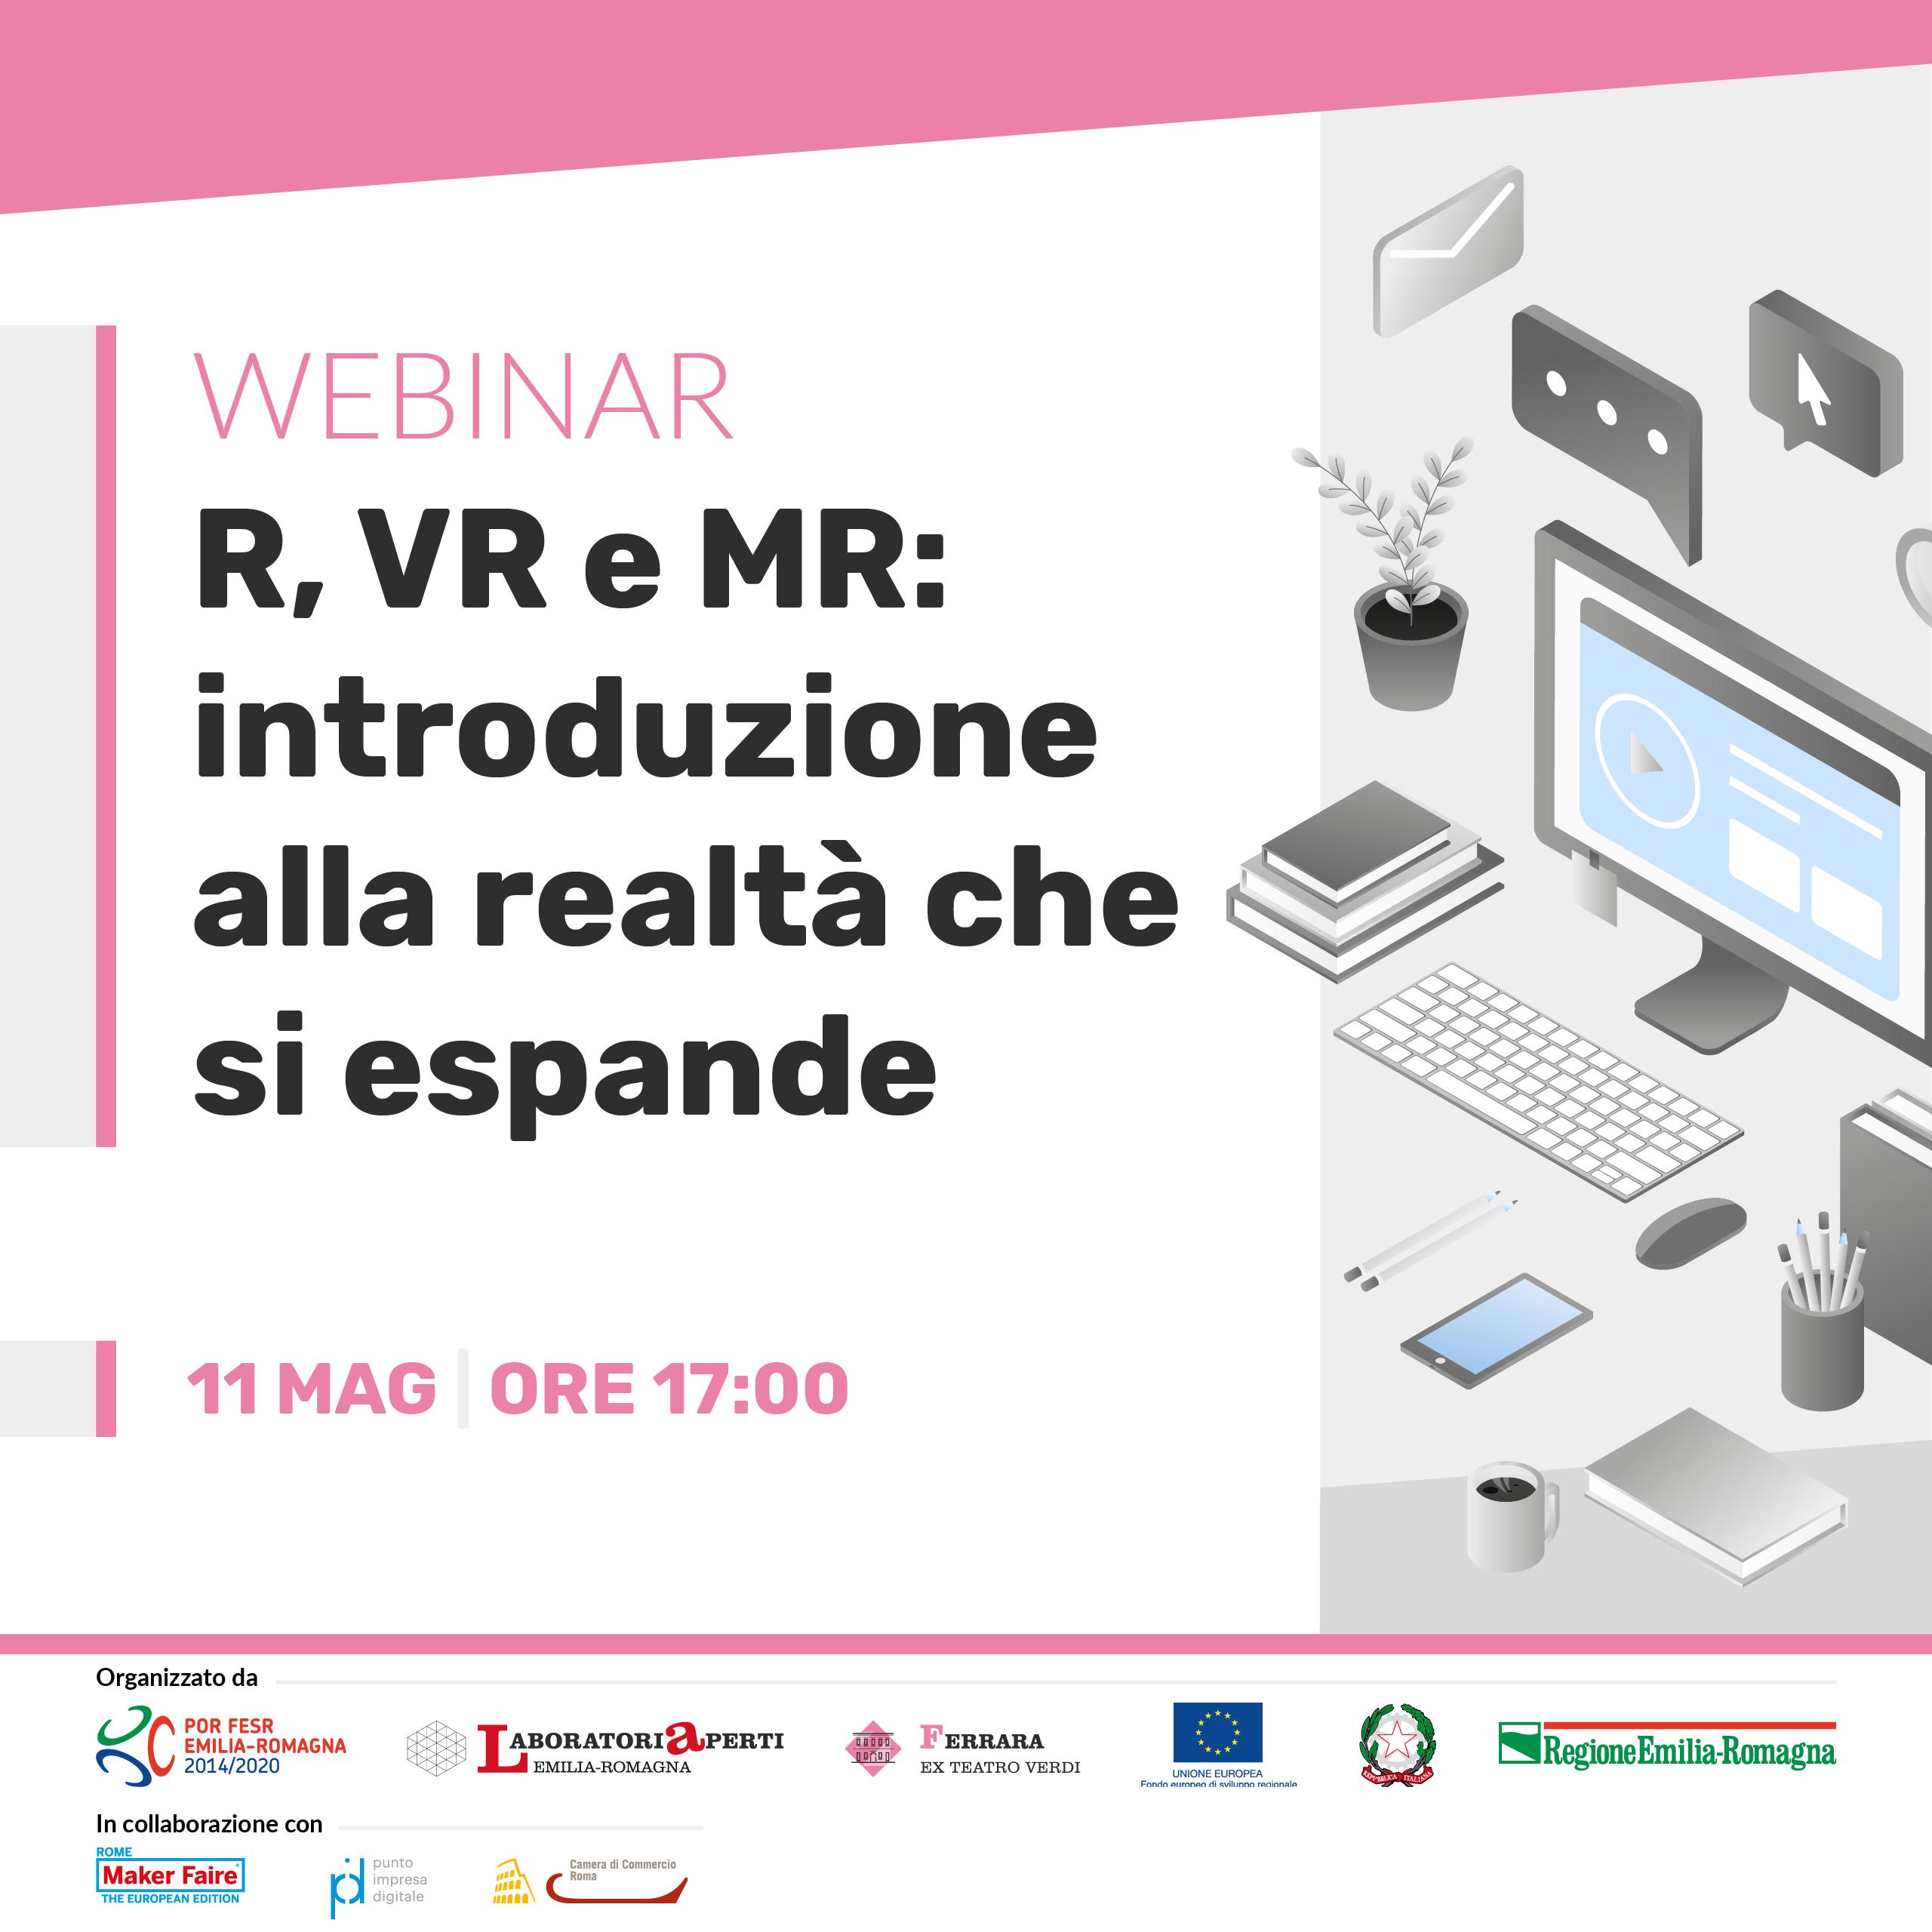 WEBINAR: AR, VR e MR: introduzione alla realtà che si espande | 11 MAGGIO H 17:00